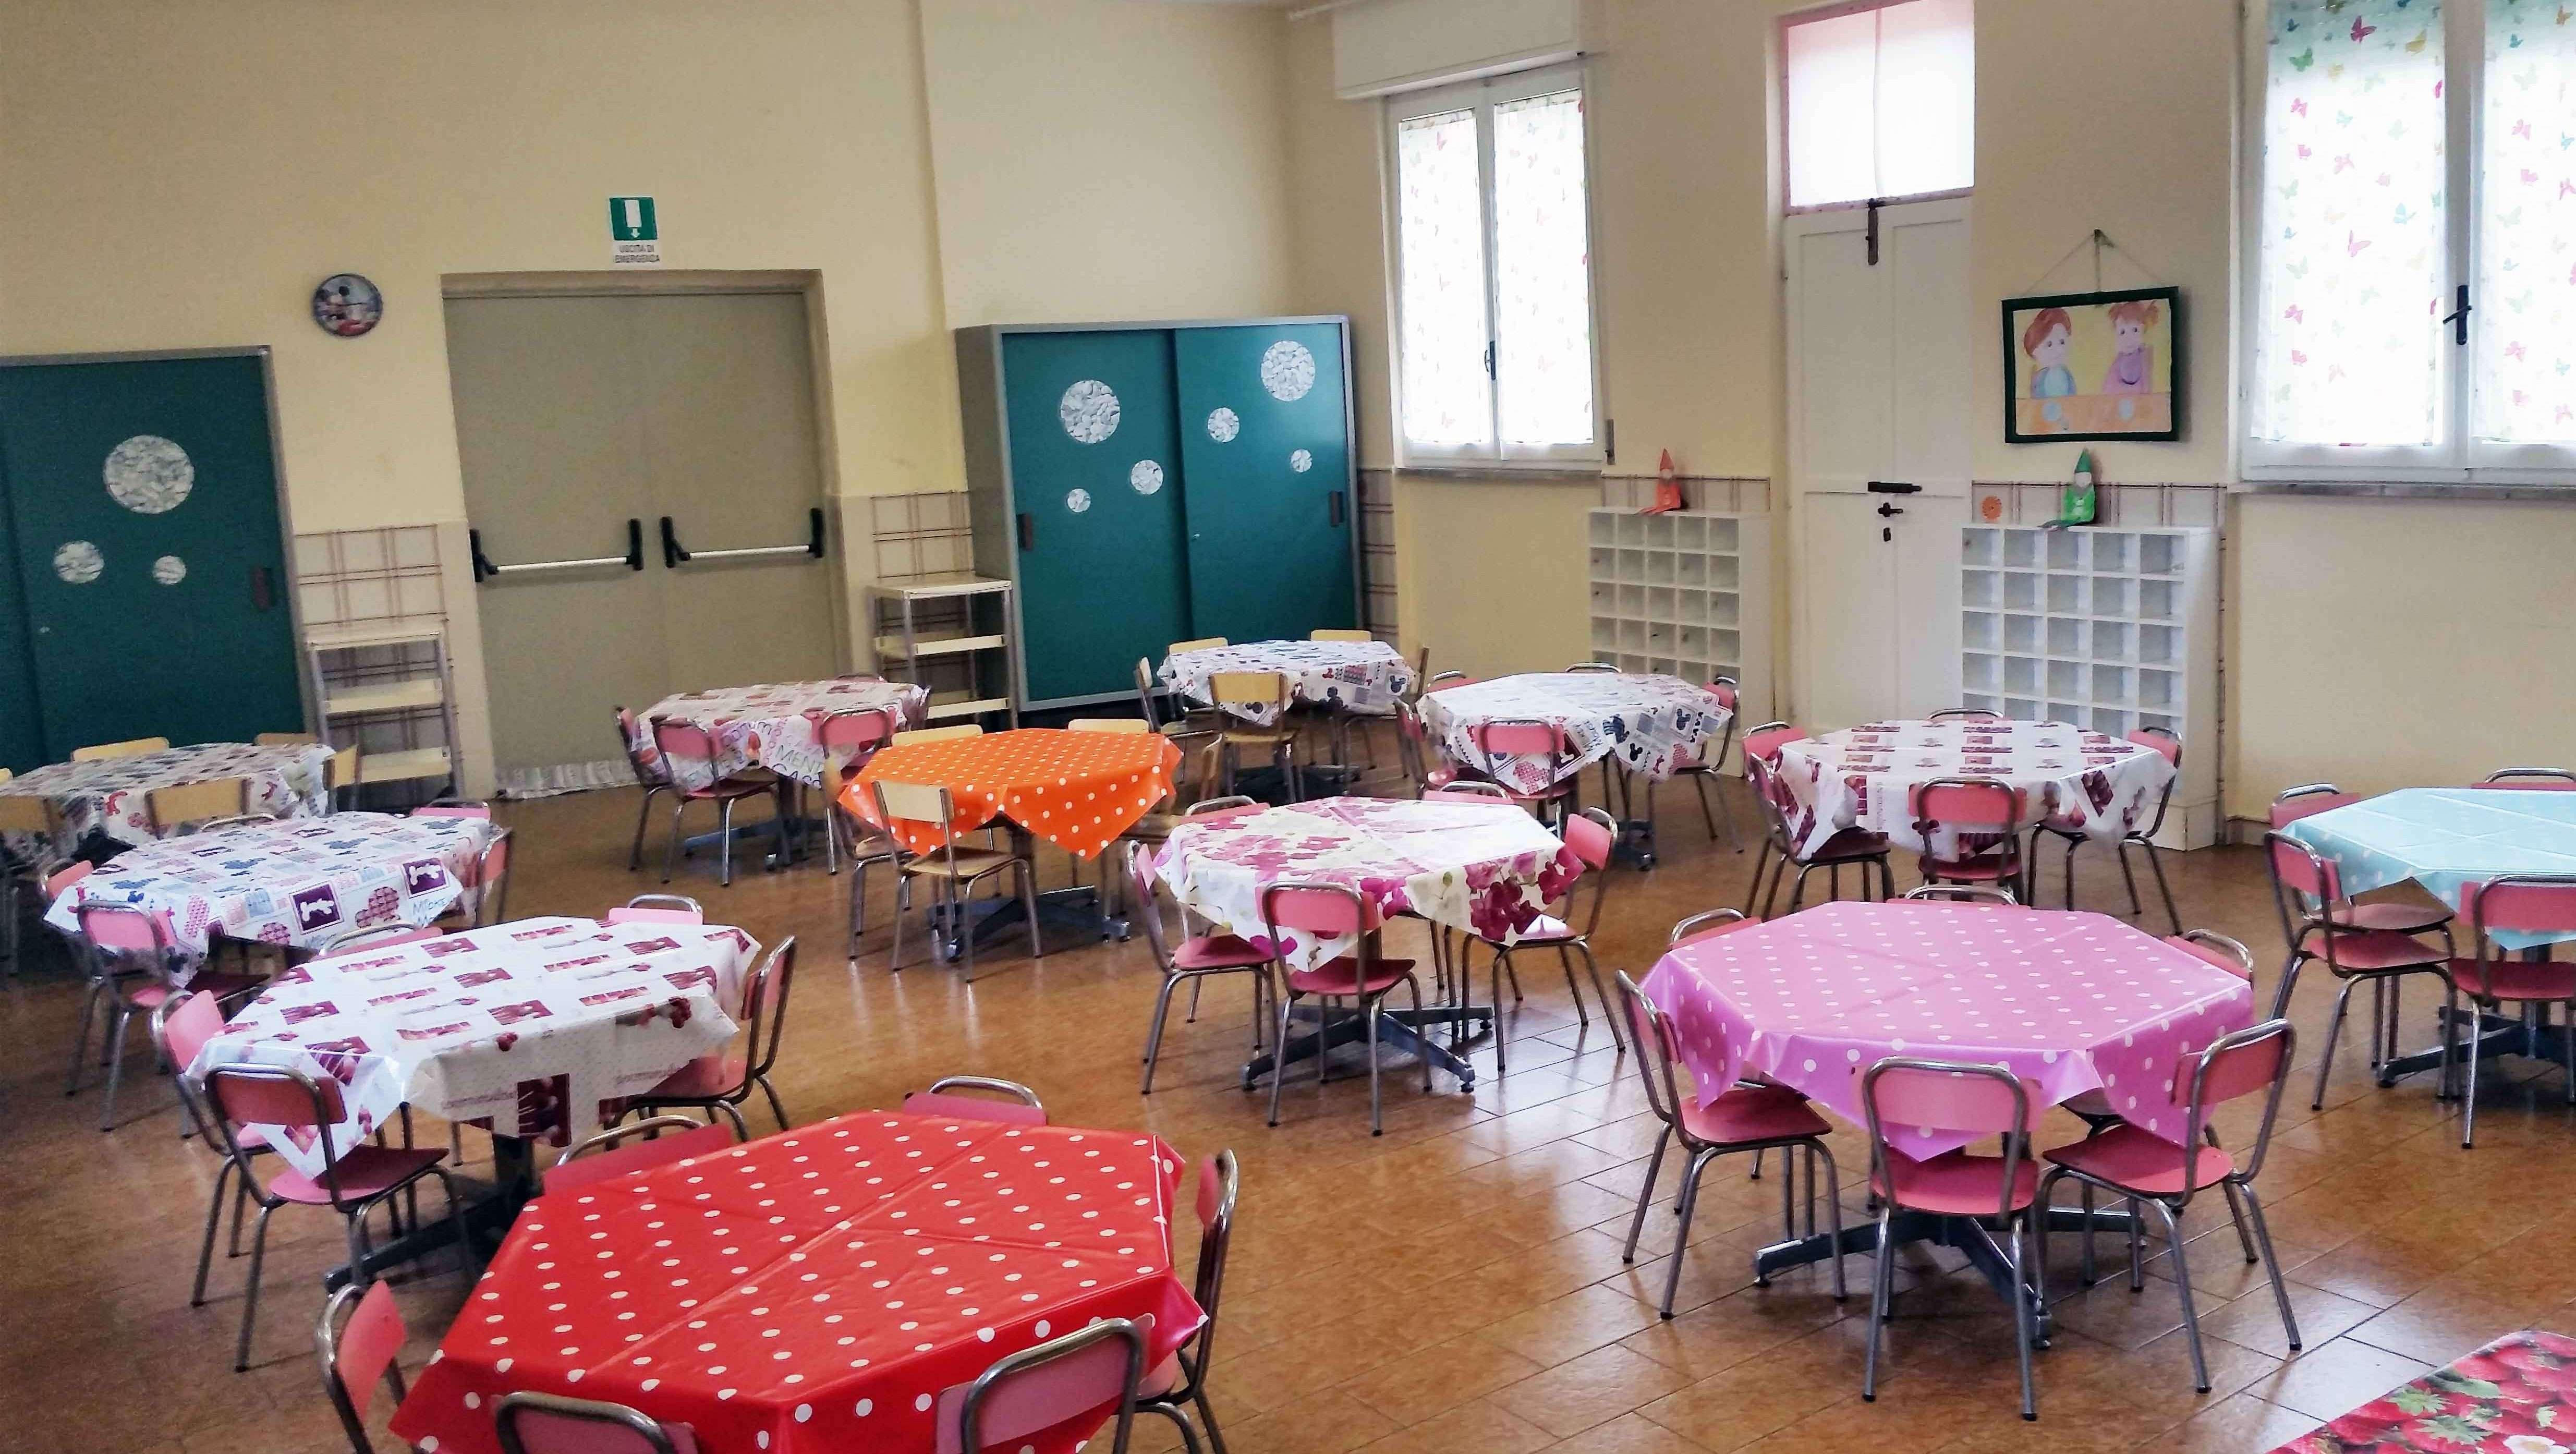 mensa2 e1498489452505 - Scuola Materna Peschiera Borromeo